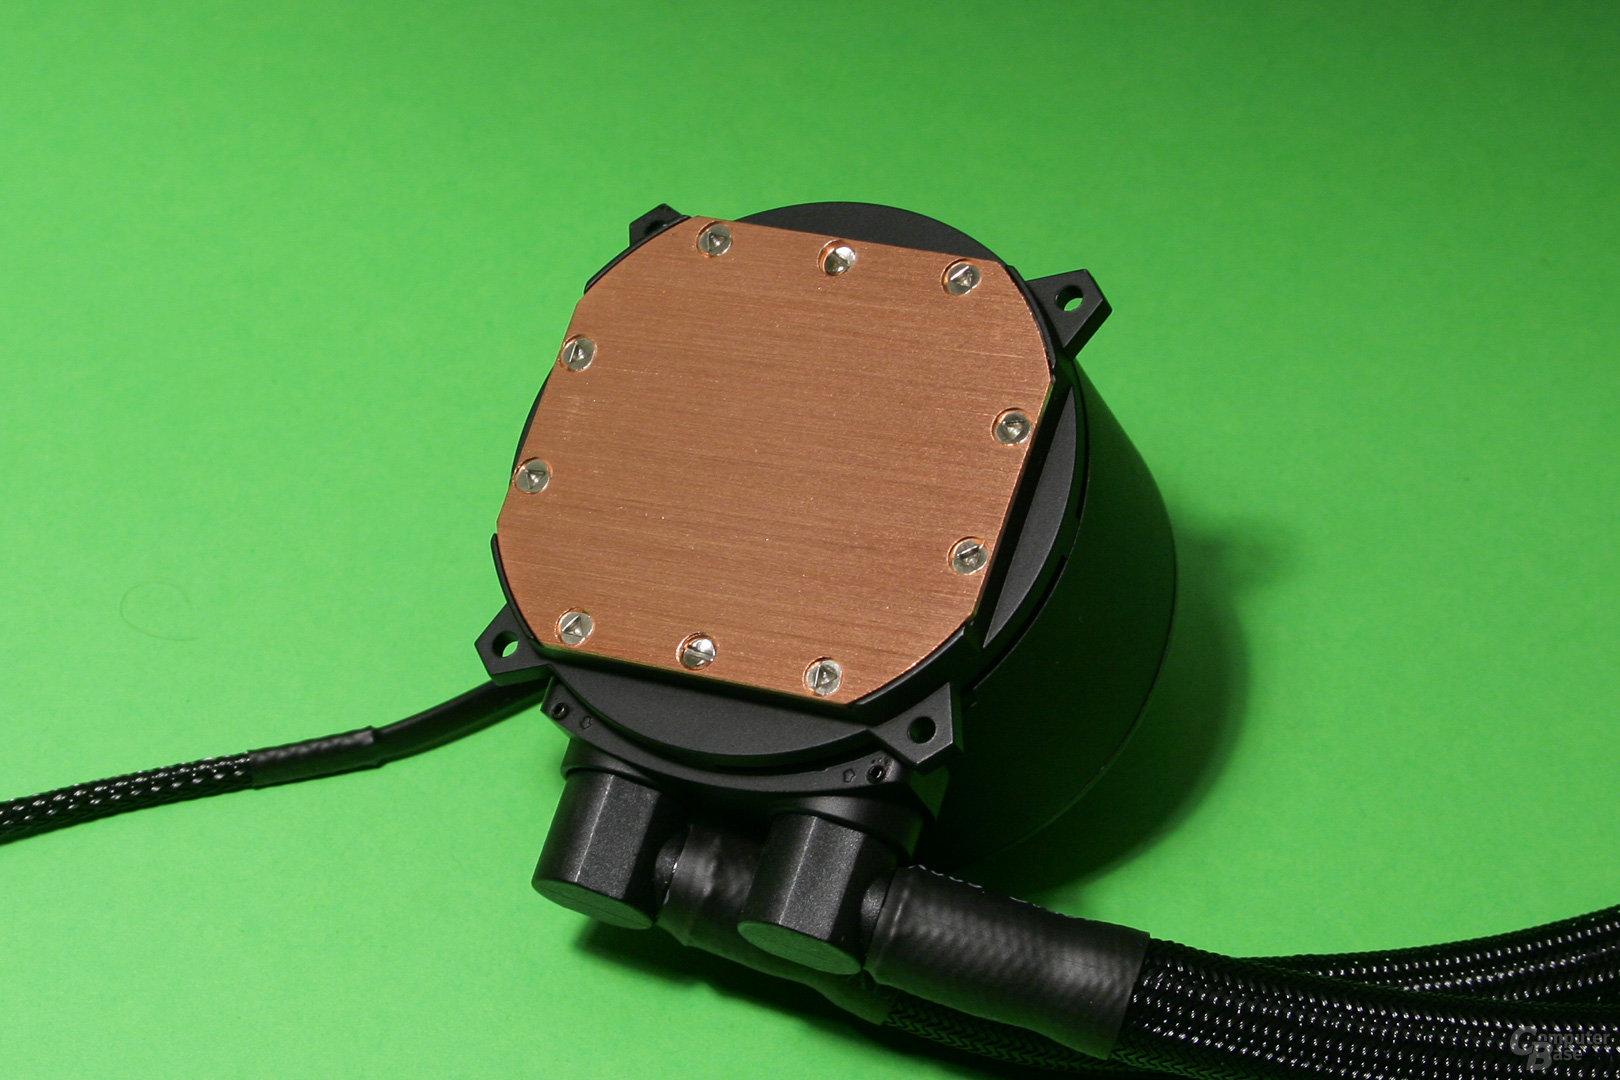 Cooler Master Masterliquid 240: CPU-Auflagefläche mit feinen Rillen